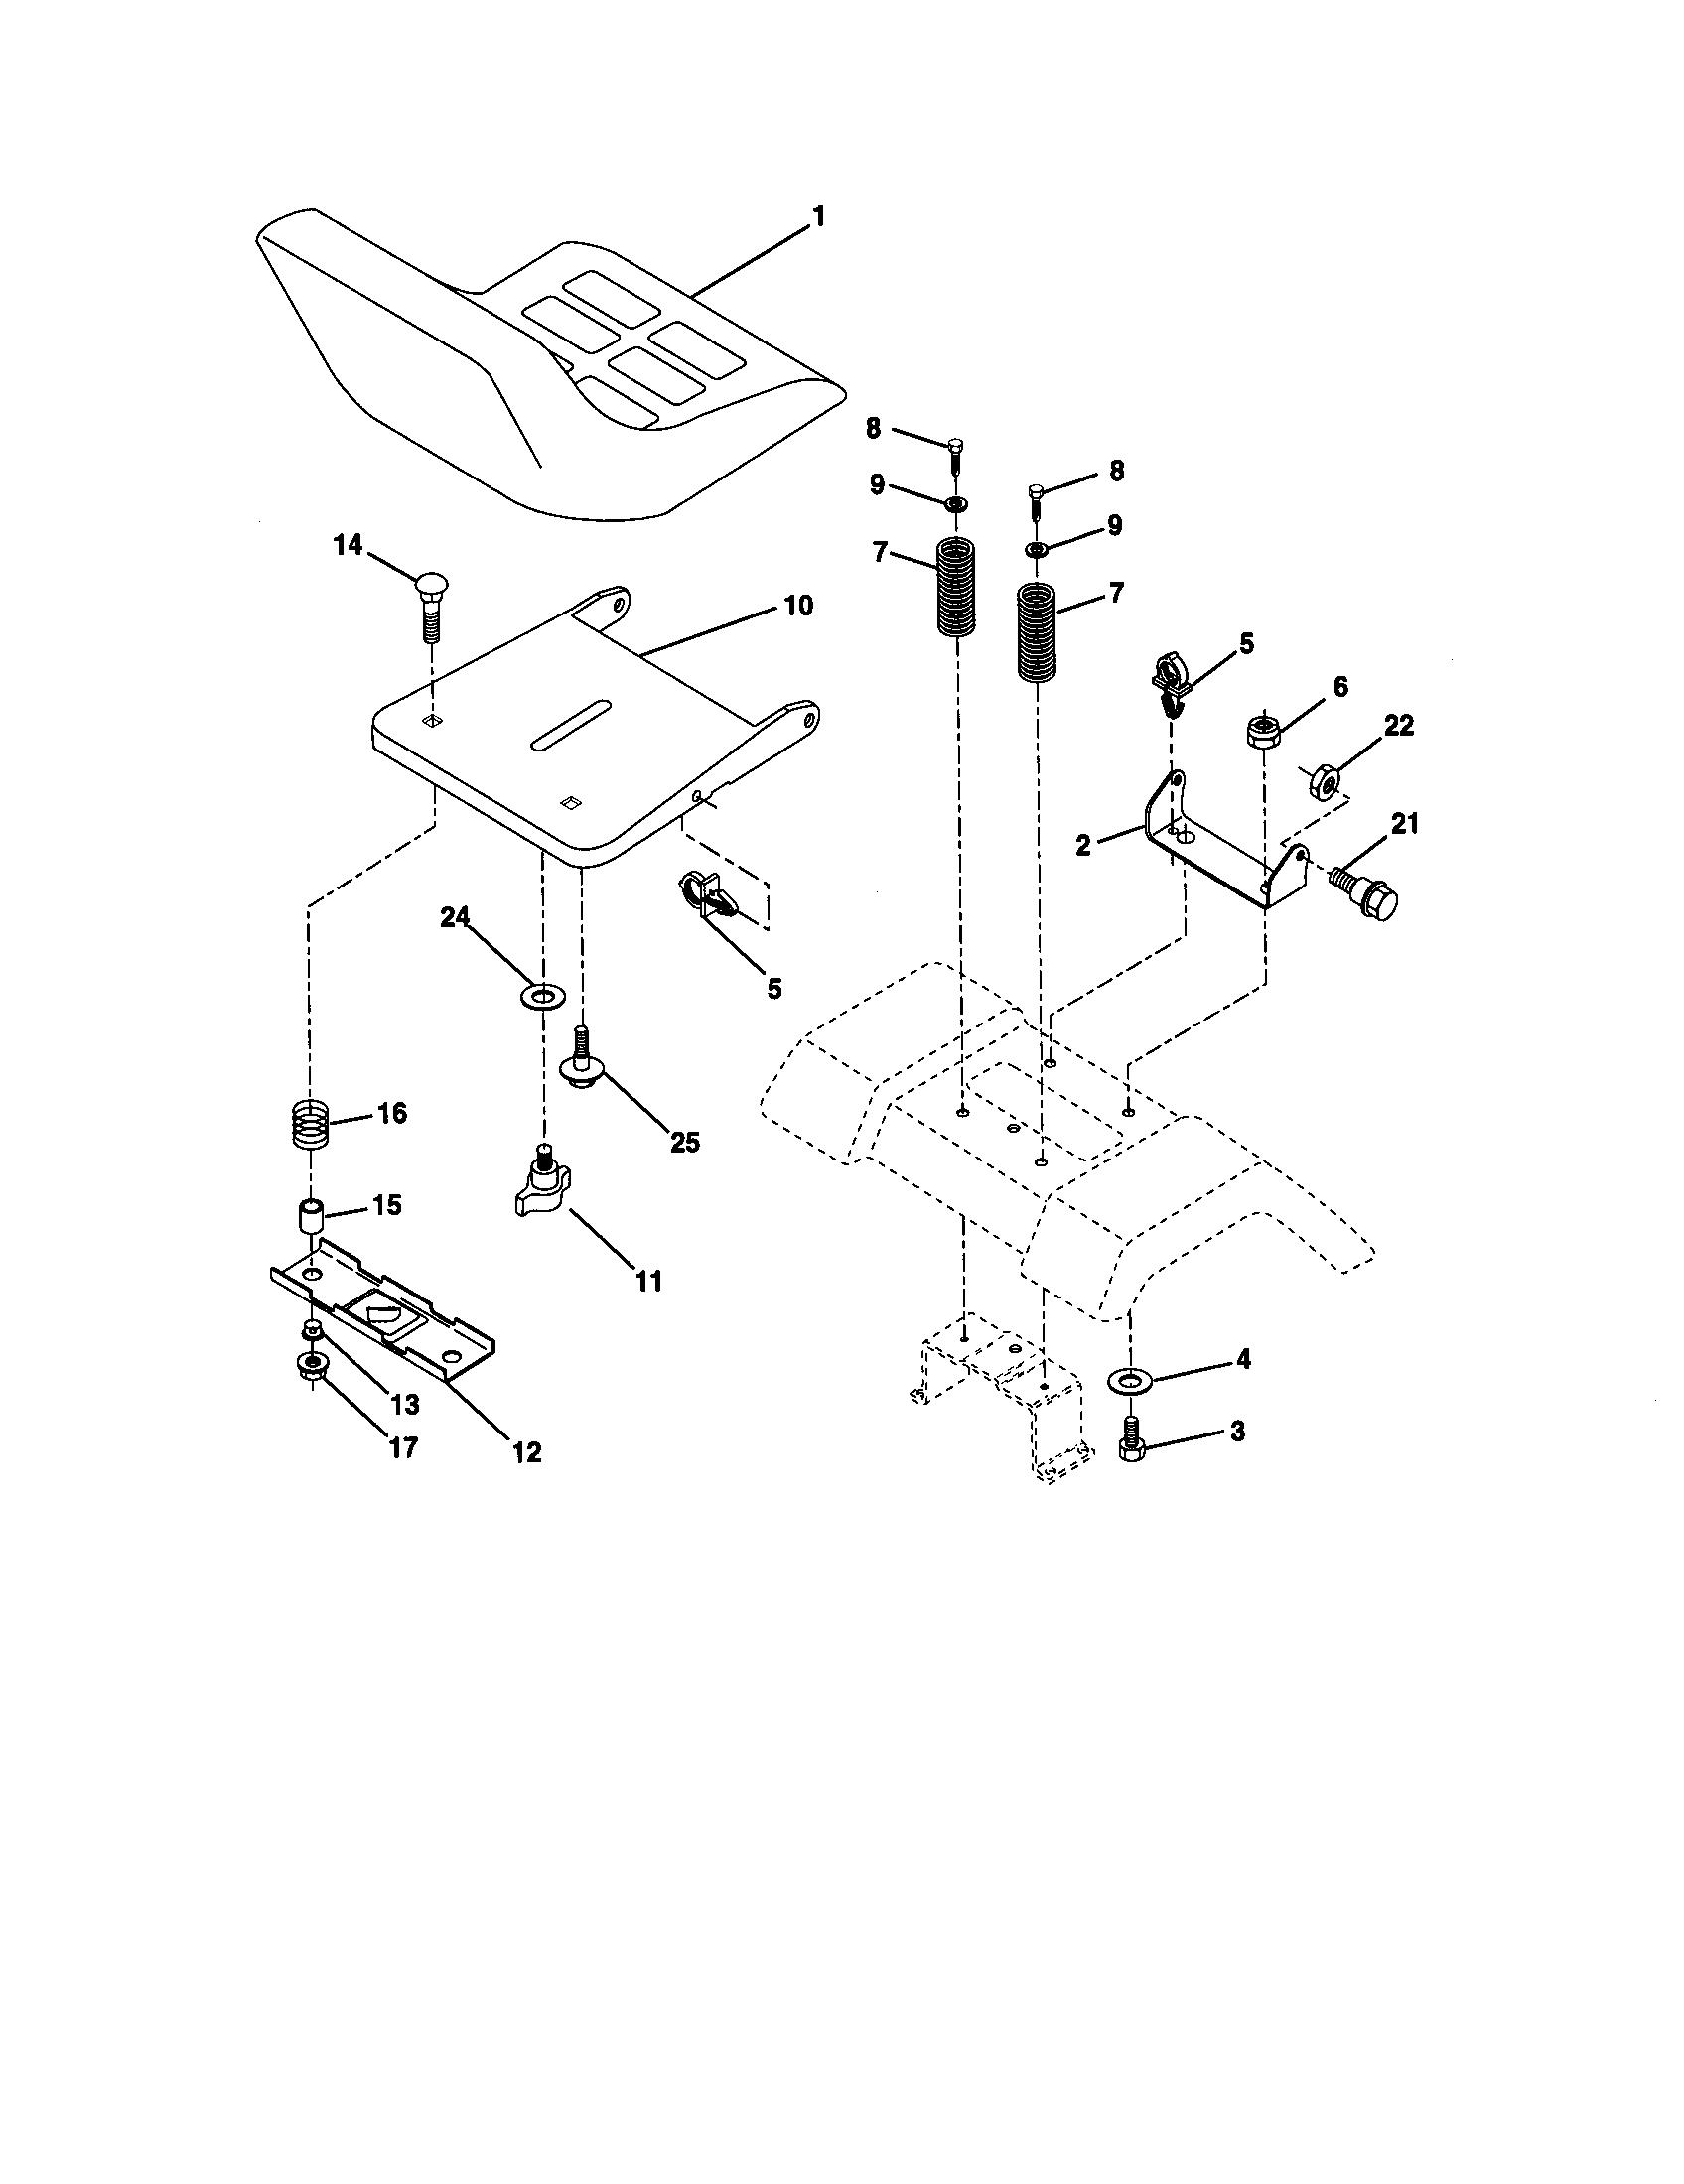 Furnace Wiring Diagram Likewise Craftsman Lawn Mower Wiring Diagram